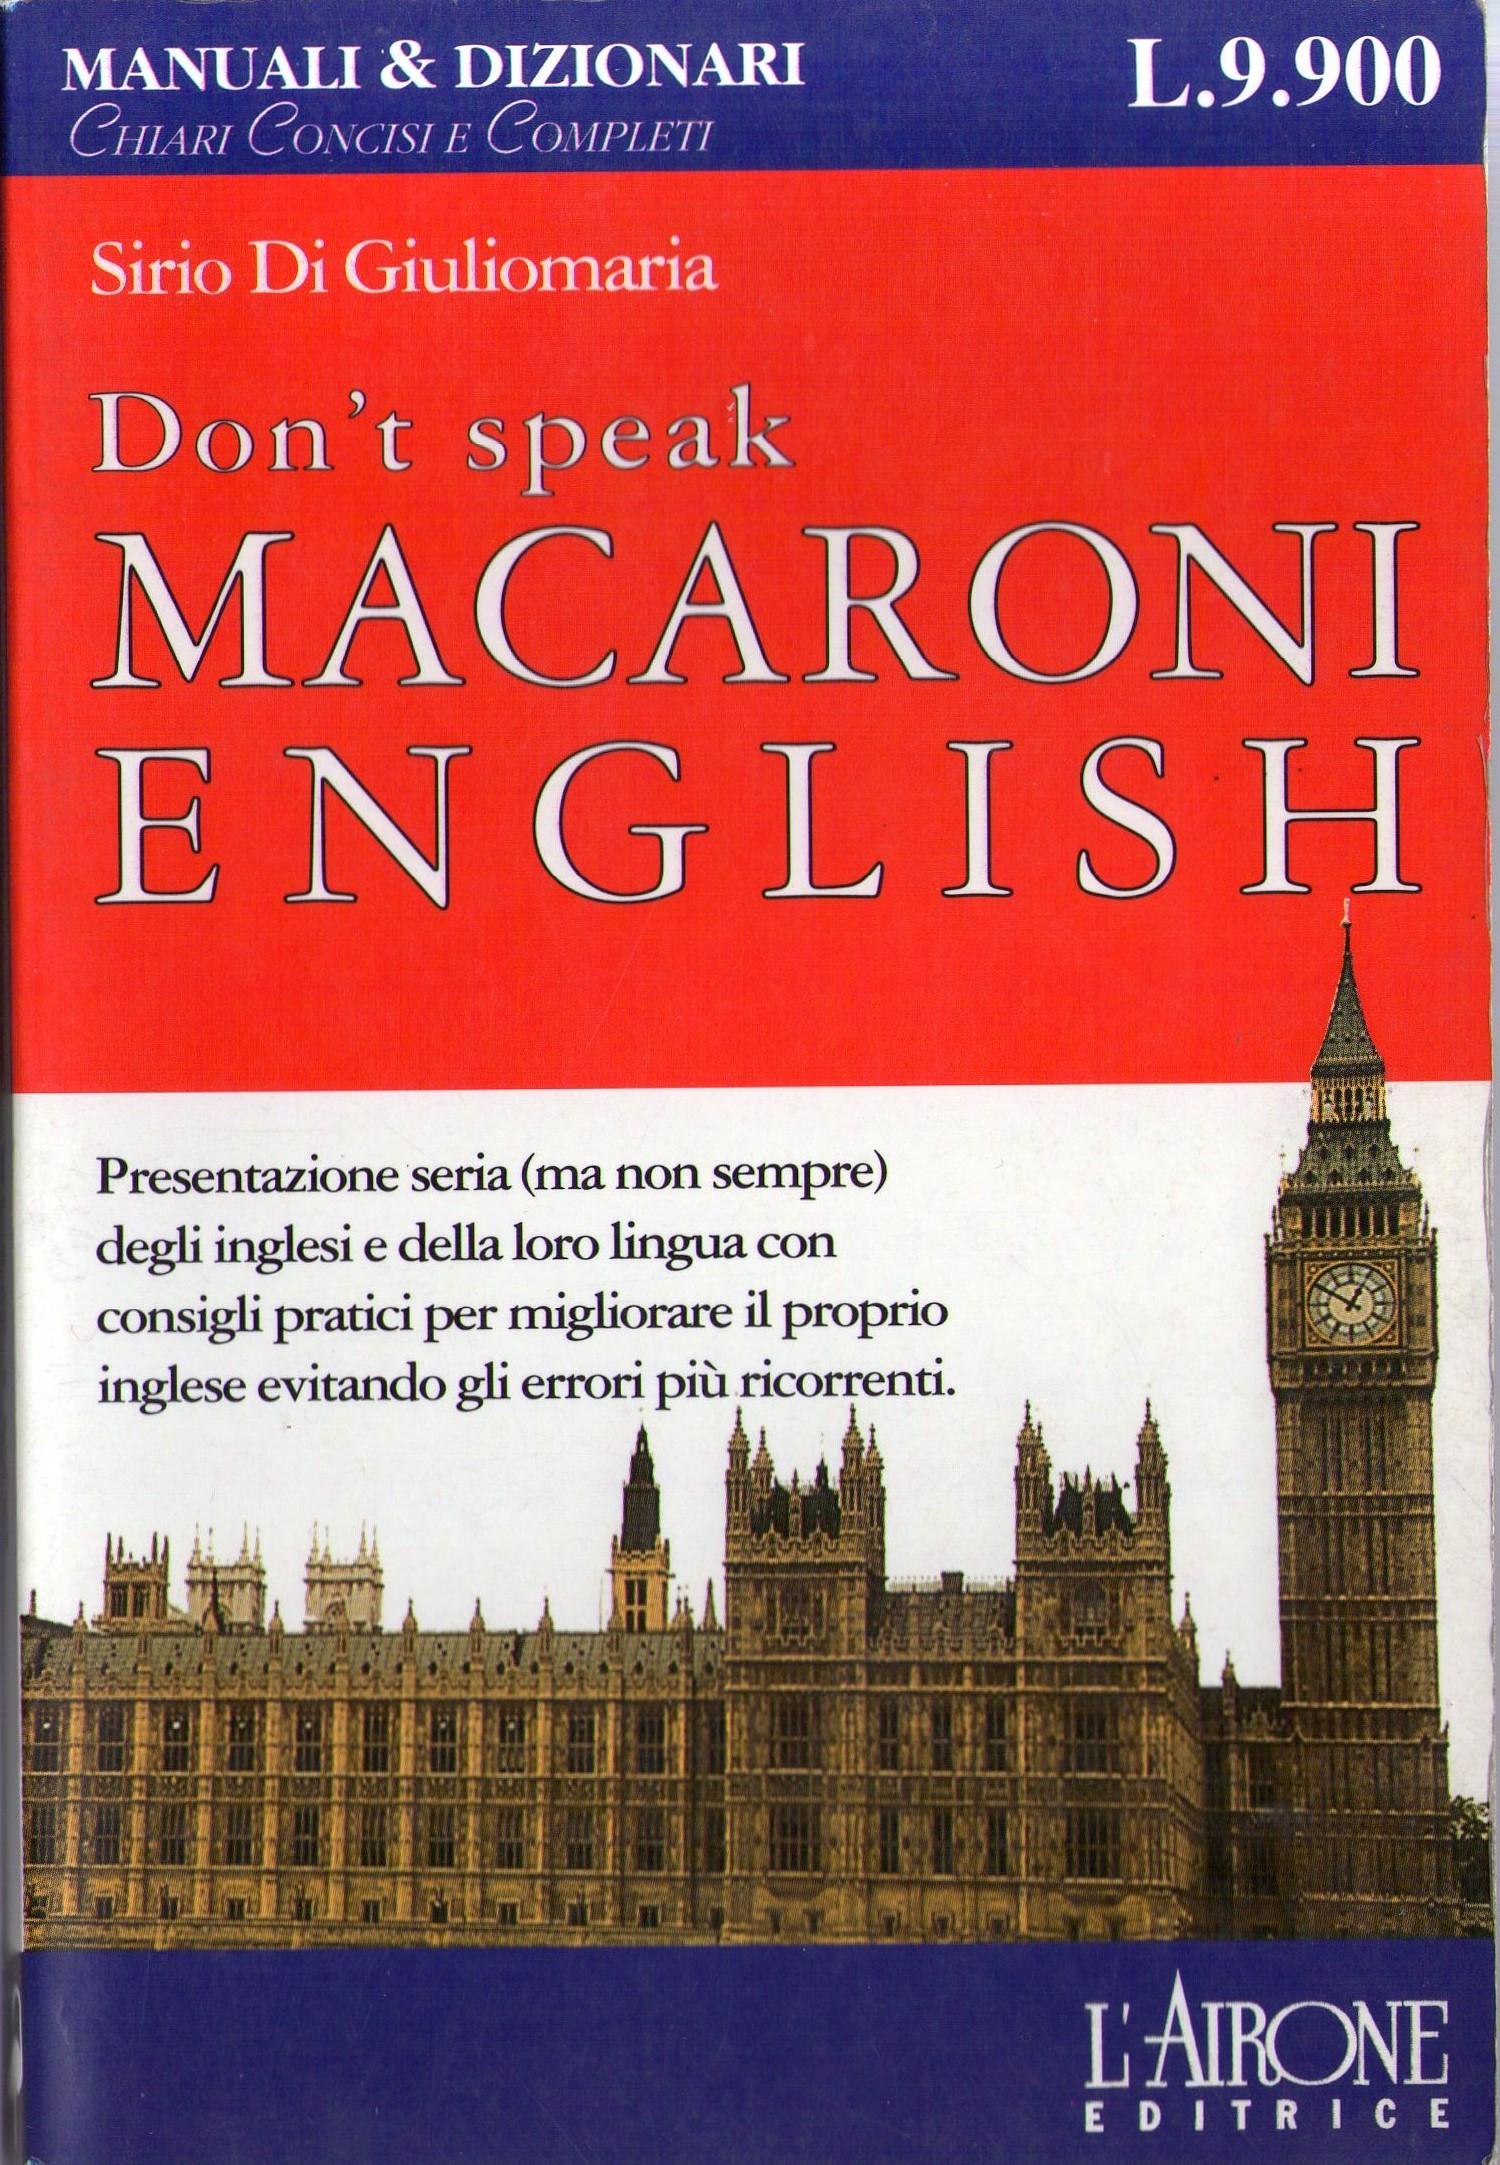 Don't speak macaroni english!